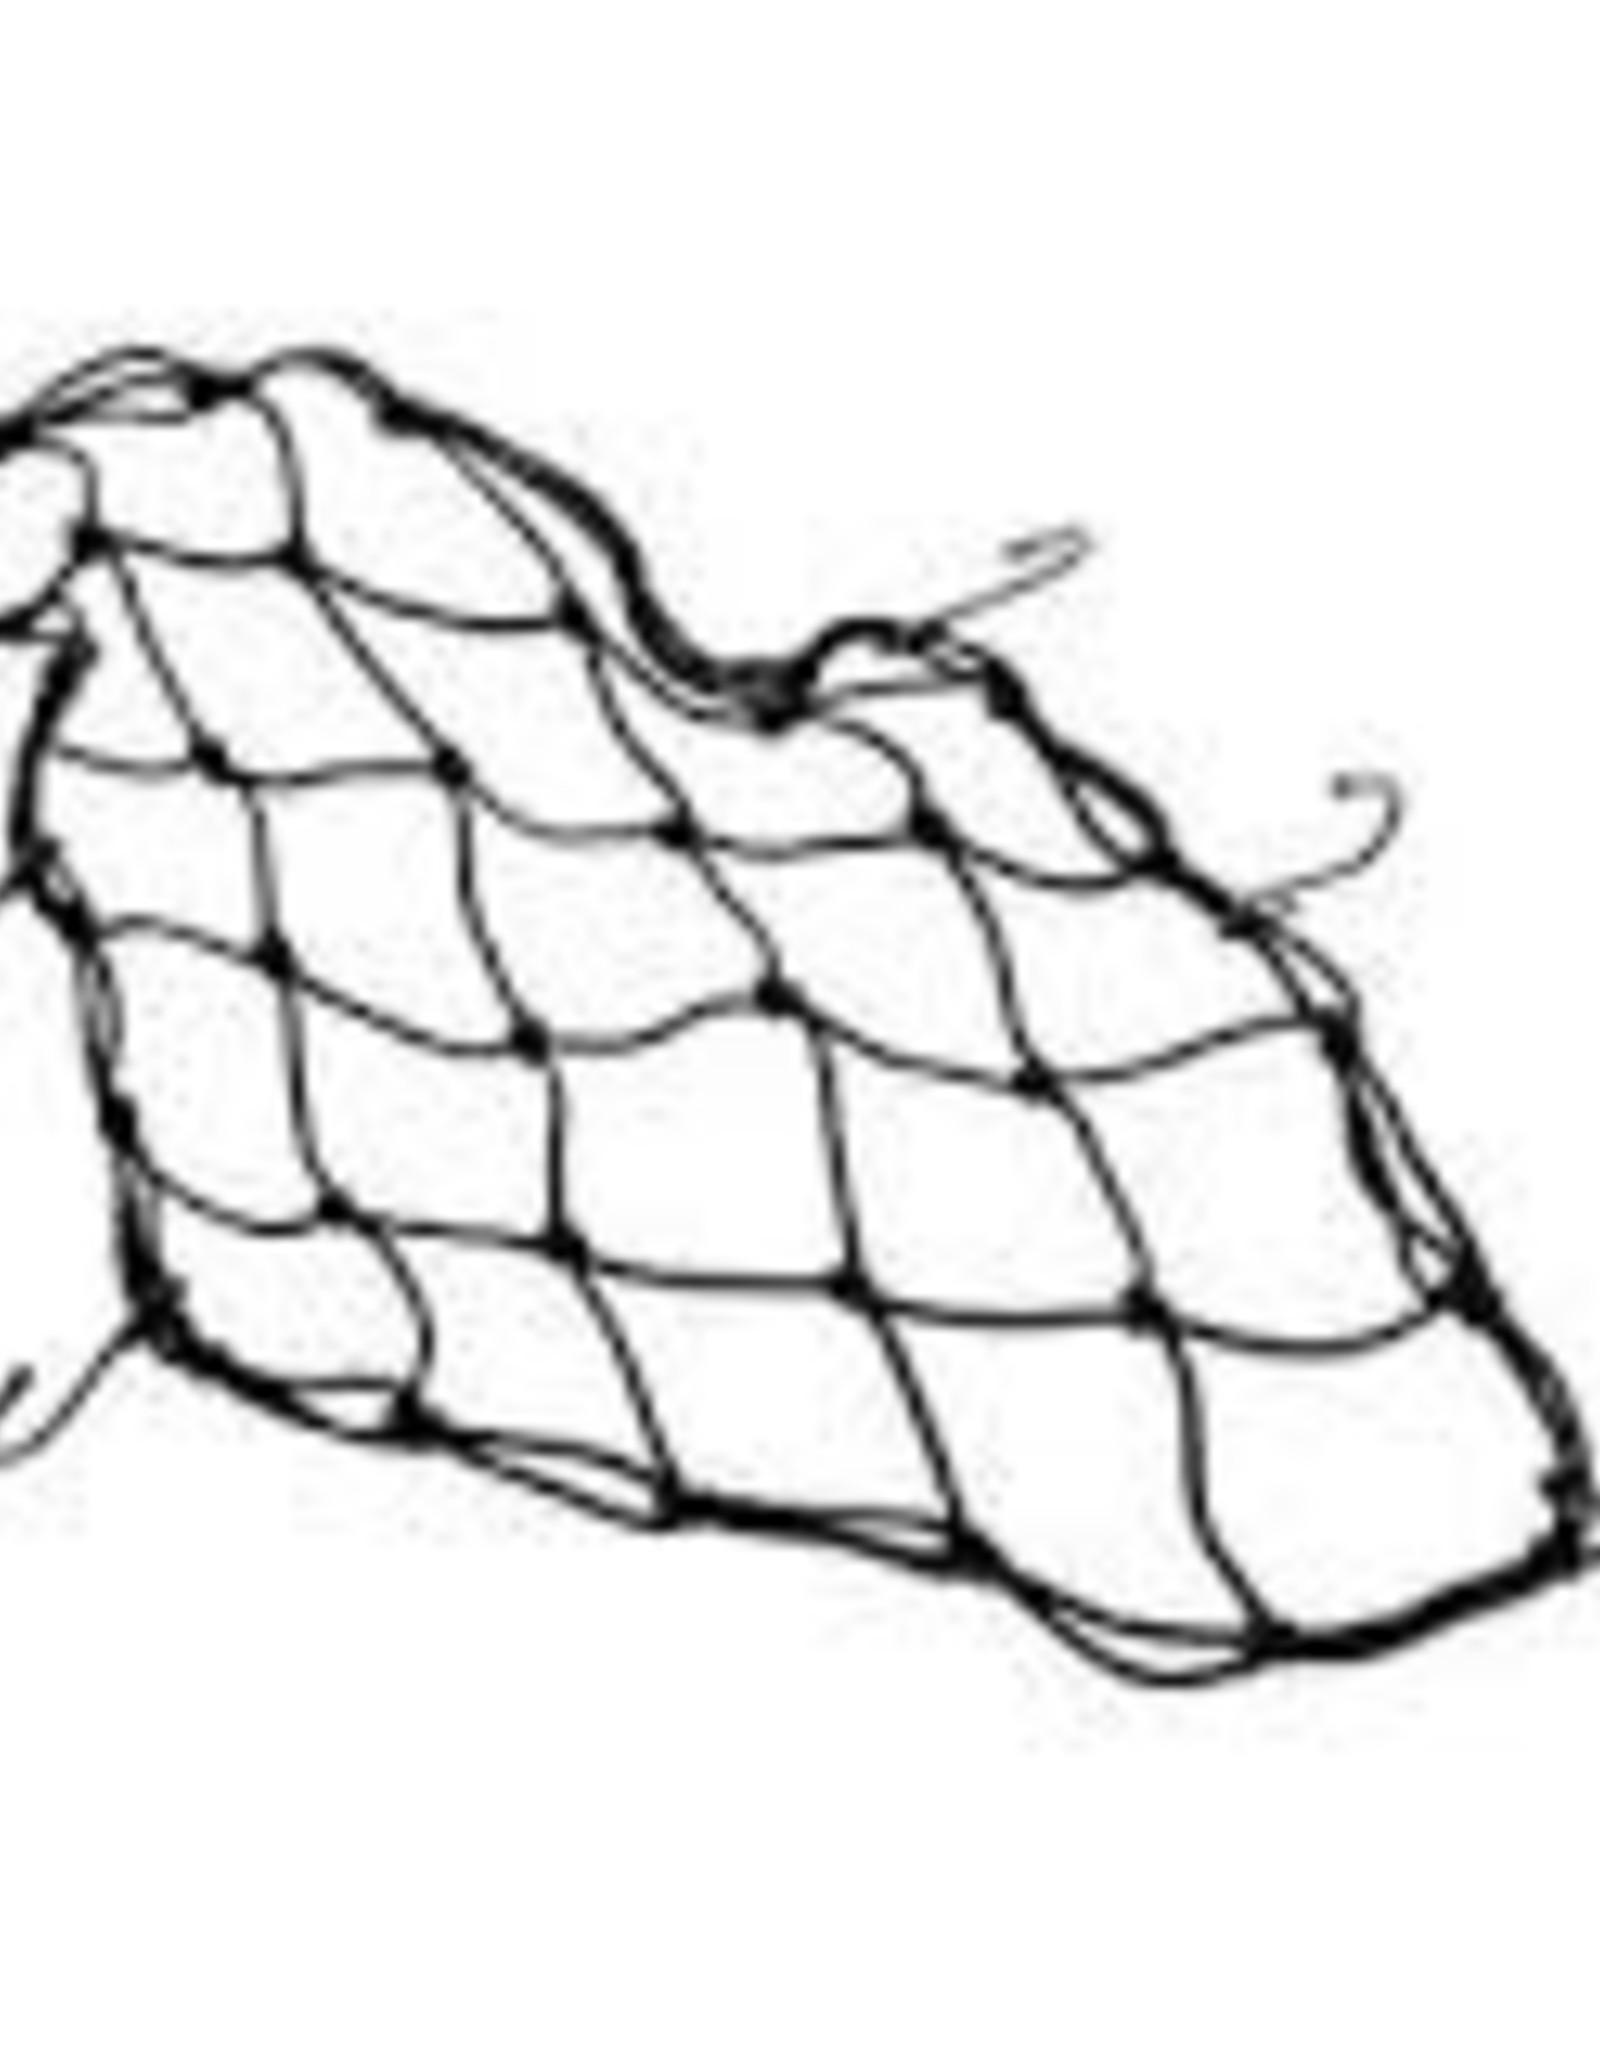 Velo Orange Bungee Cord Cargo Net